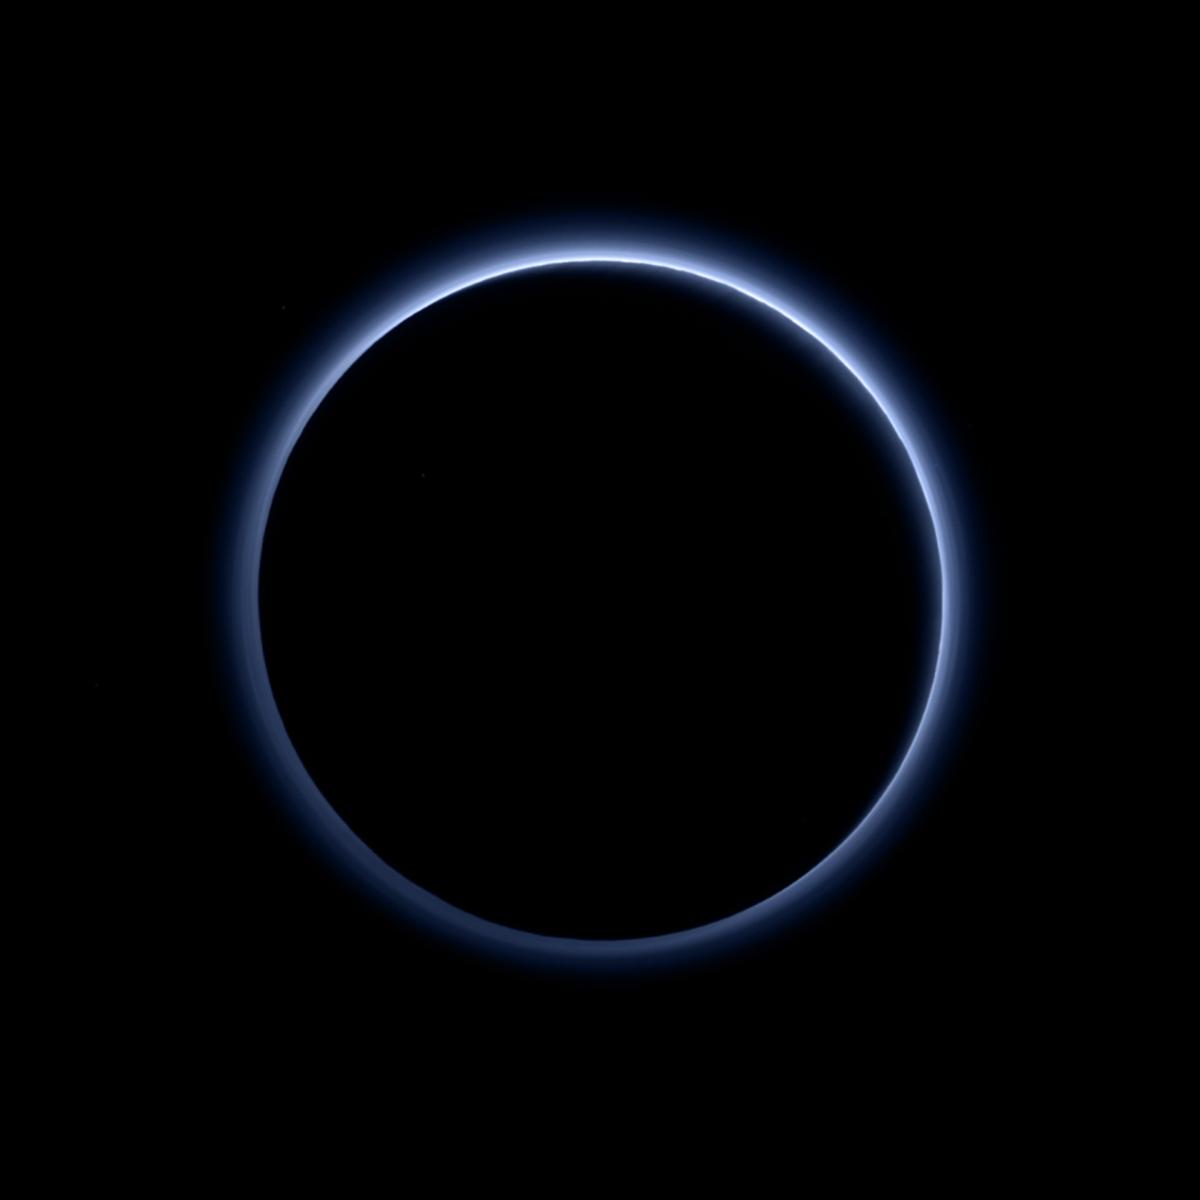 Астрономы обнаружили голубую дымку вокруг Плутона